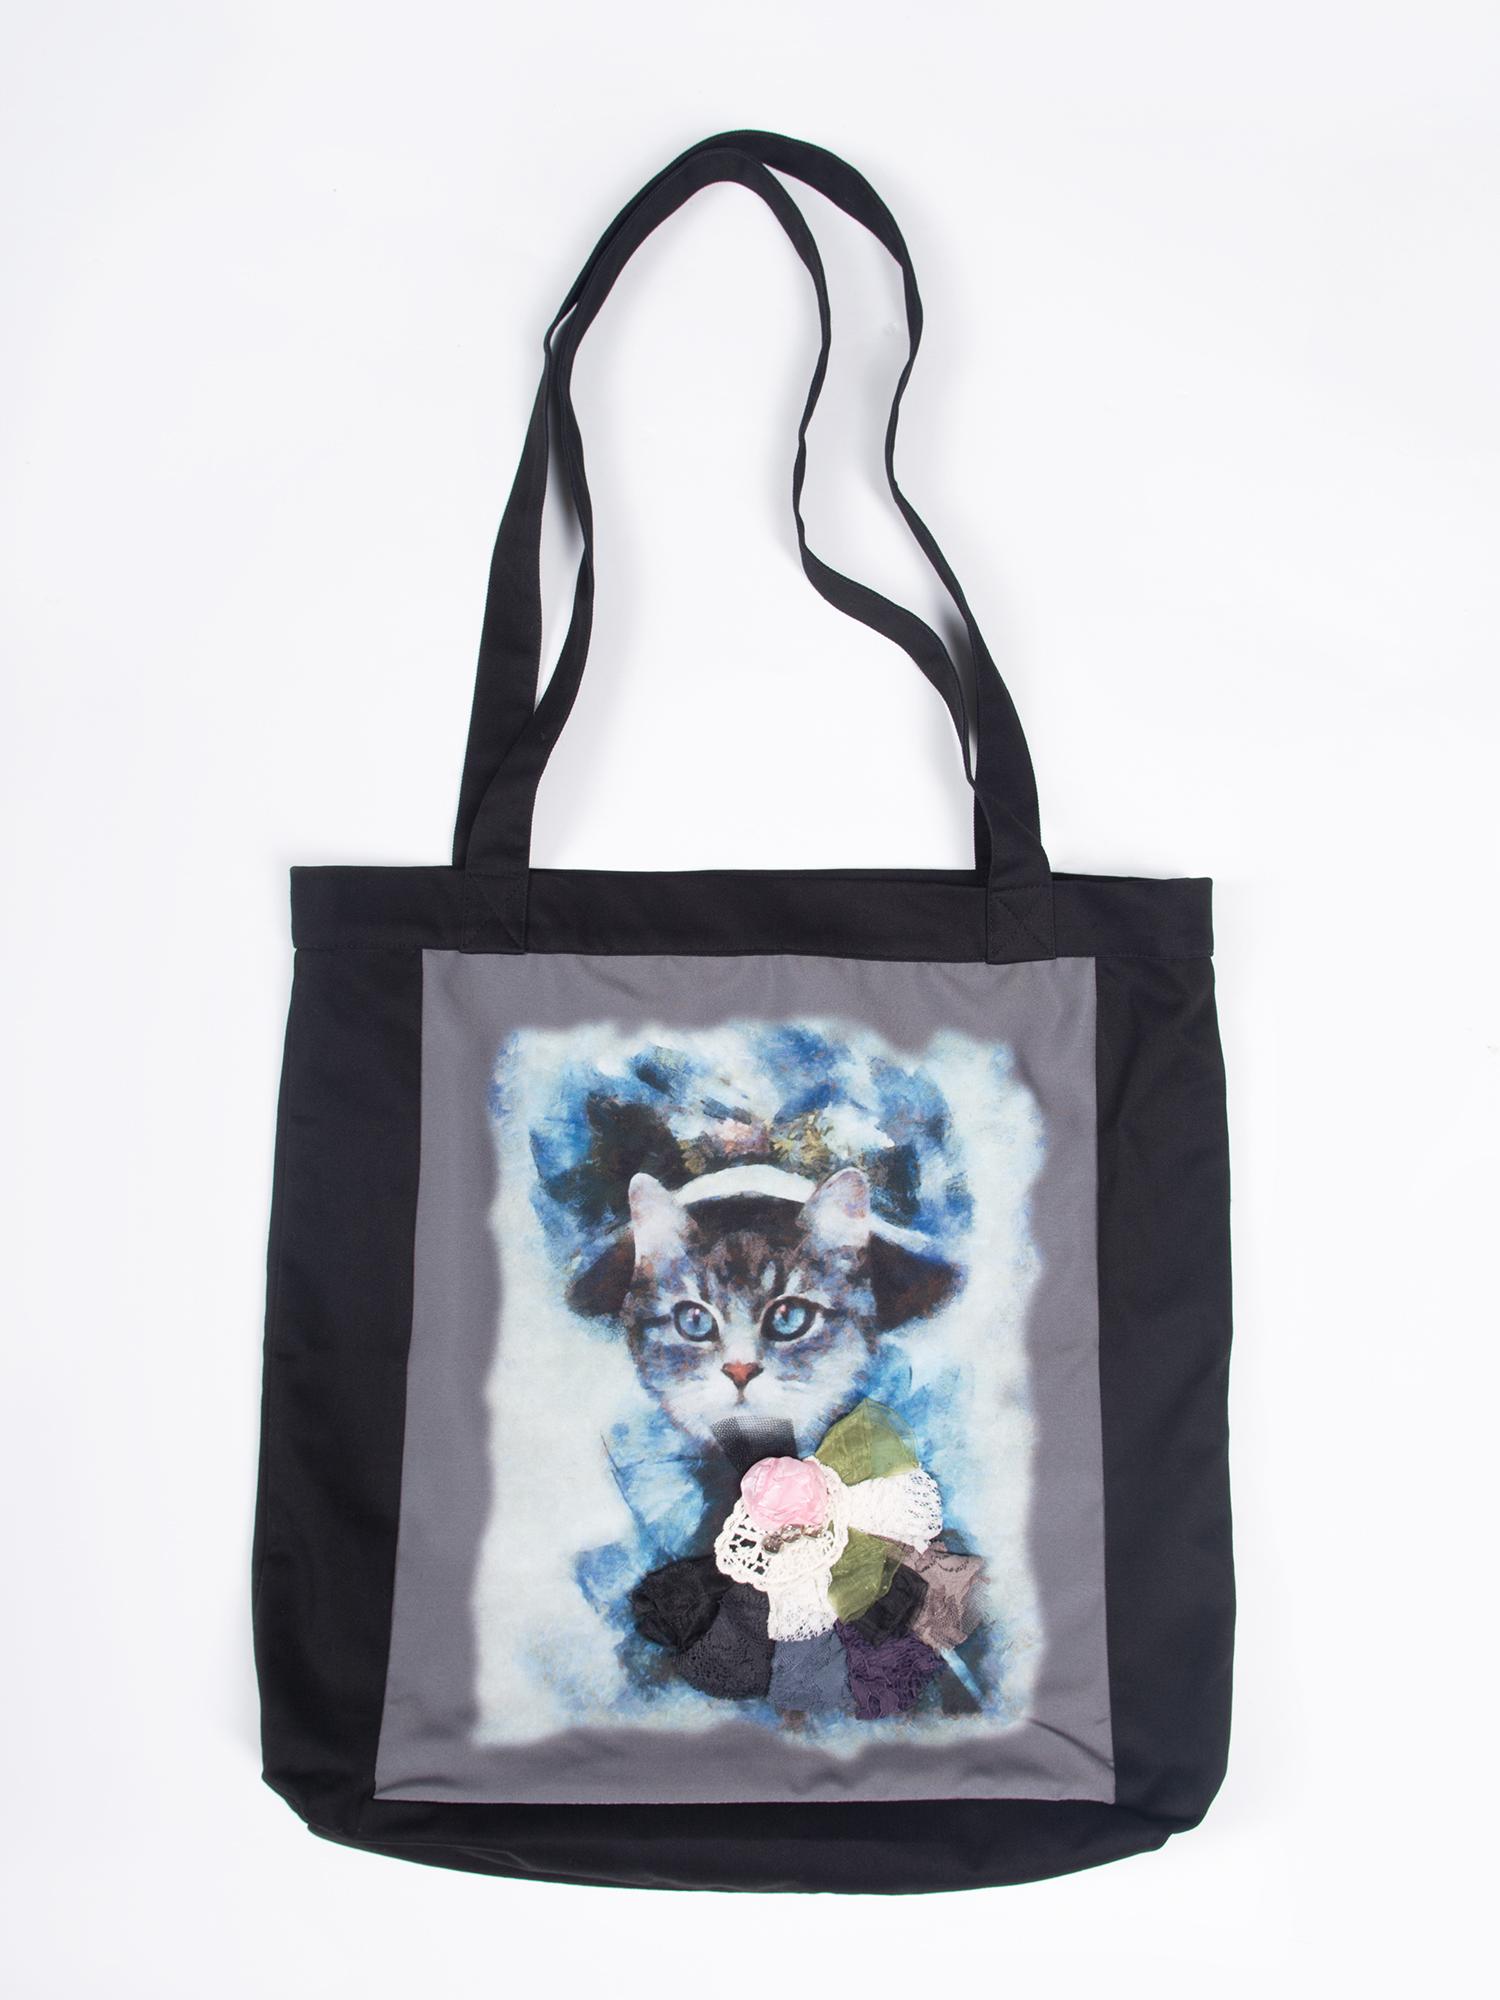 купить Шоппер Lisa Boho BAG 190142 черный,голубой по цене 3400 рублей